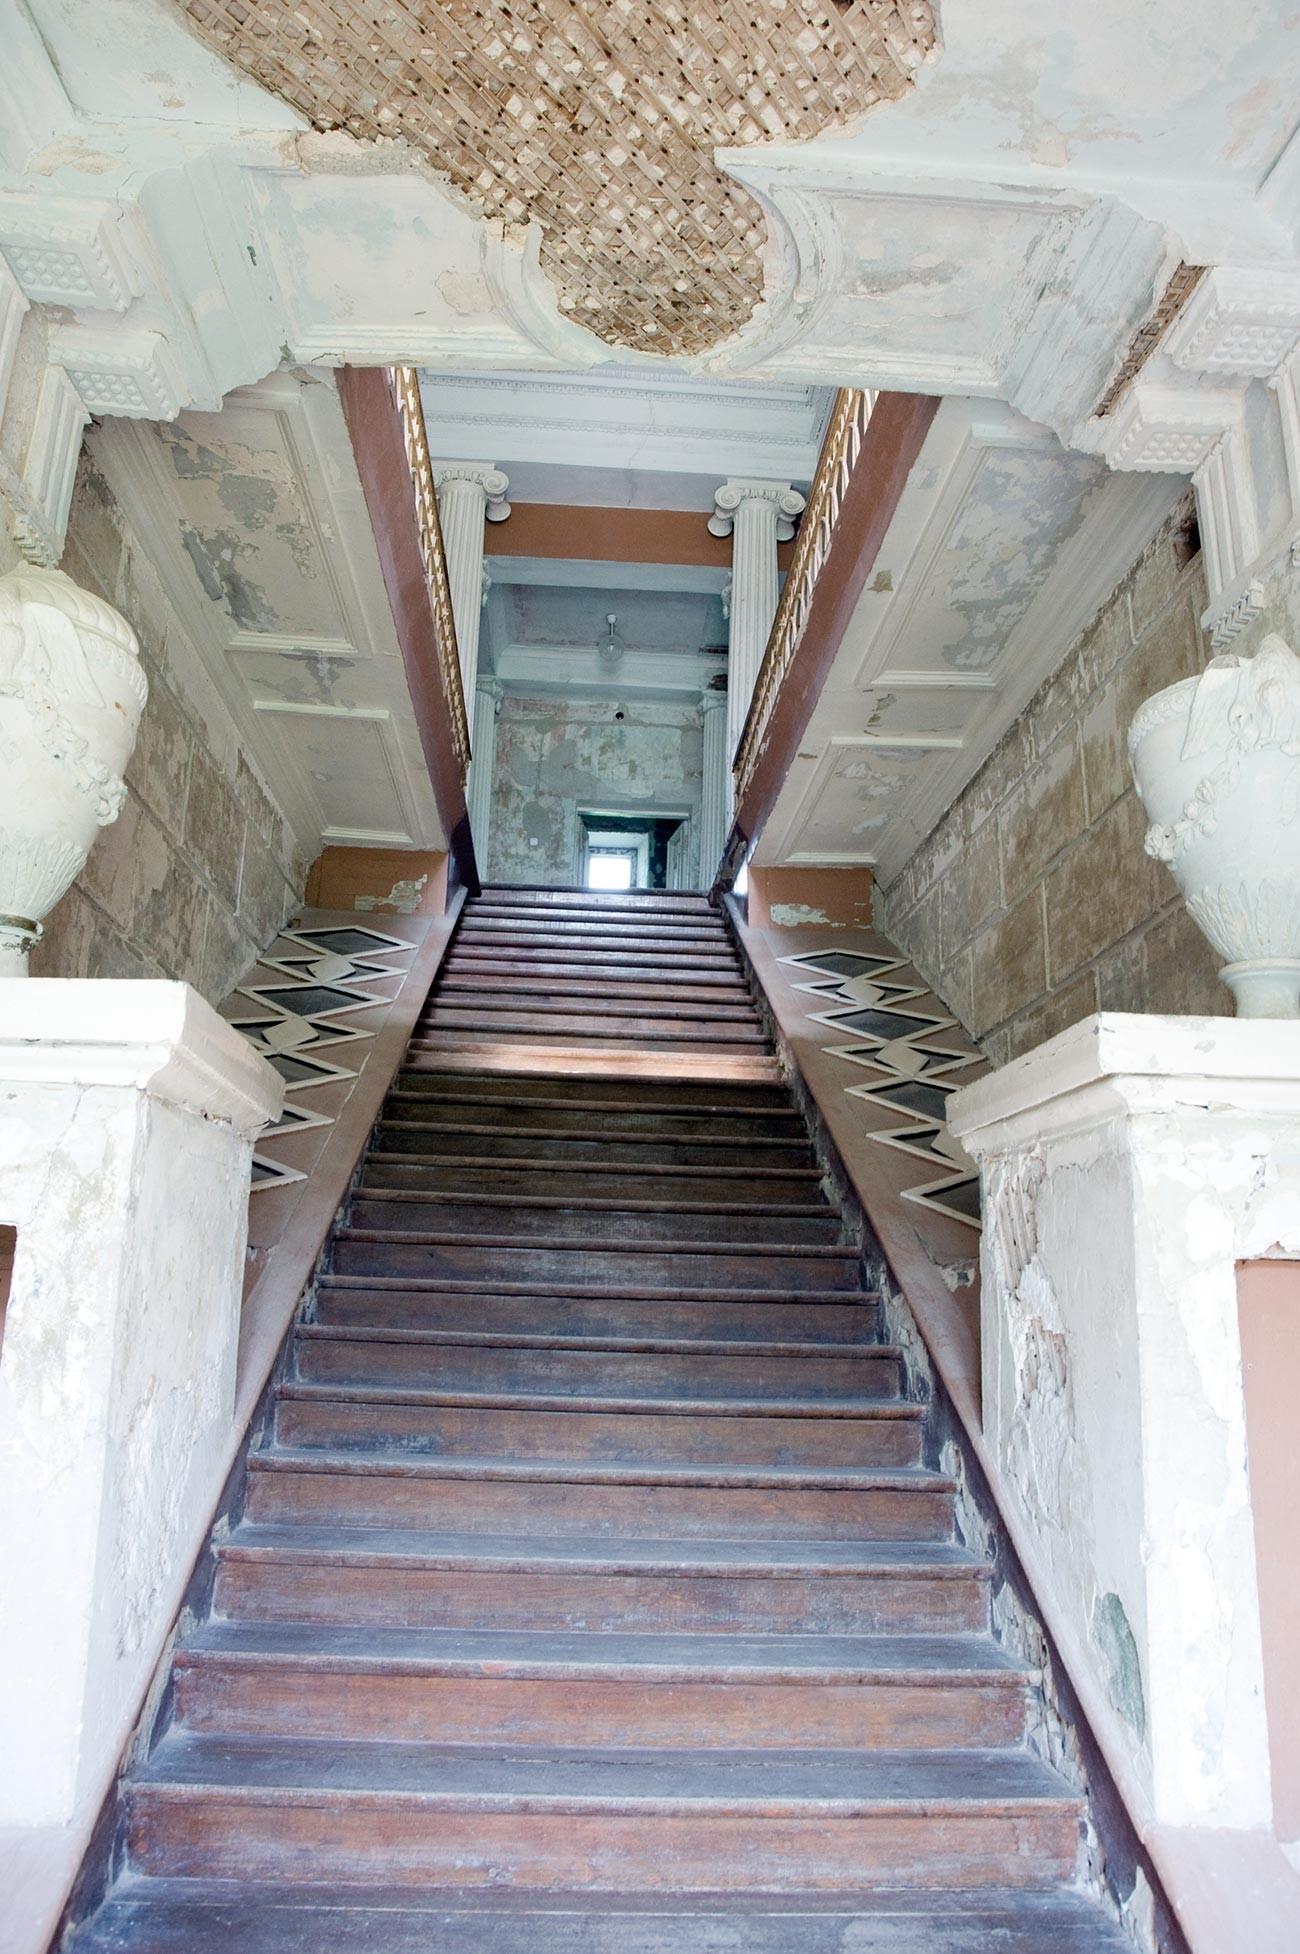 Znamenskoie-Rayok. Interior de la mansión. Escalera principal. 14 de mayo de 2010